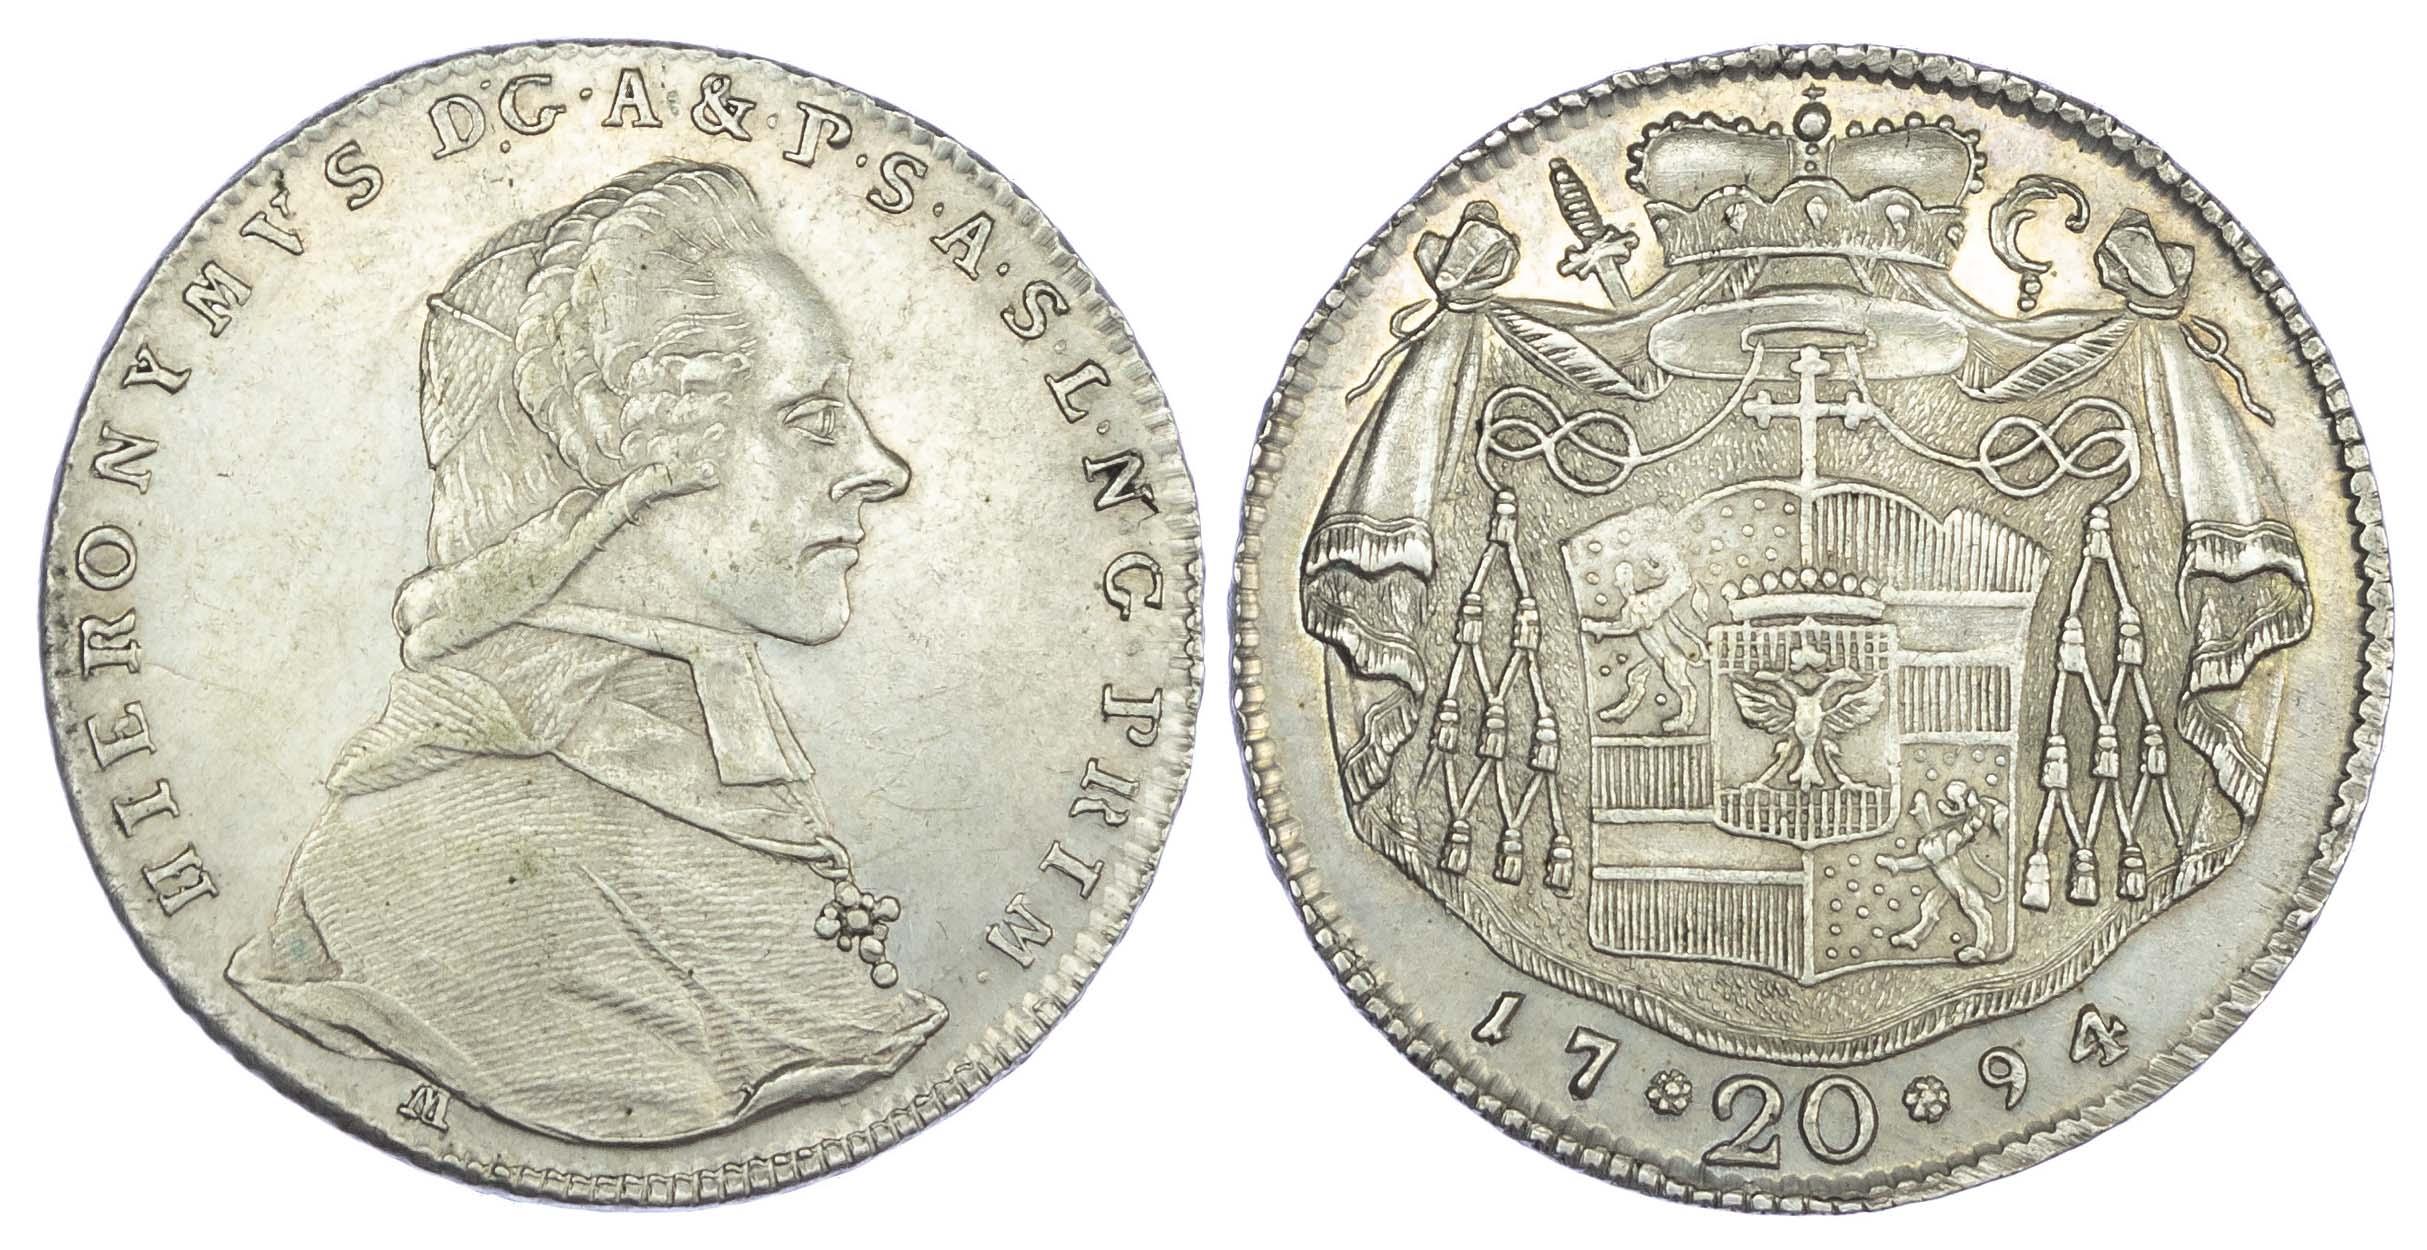 Austria, Salzburg (Bishopric), Hieronymus von Colloredo (1772-1803 AD), silver 20 Kreuzer, 1794